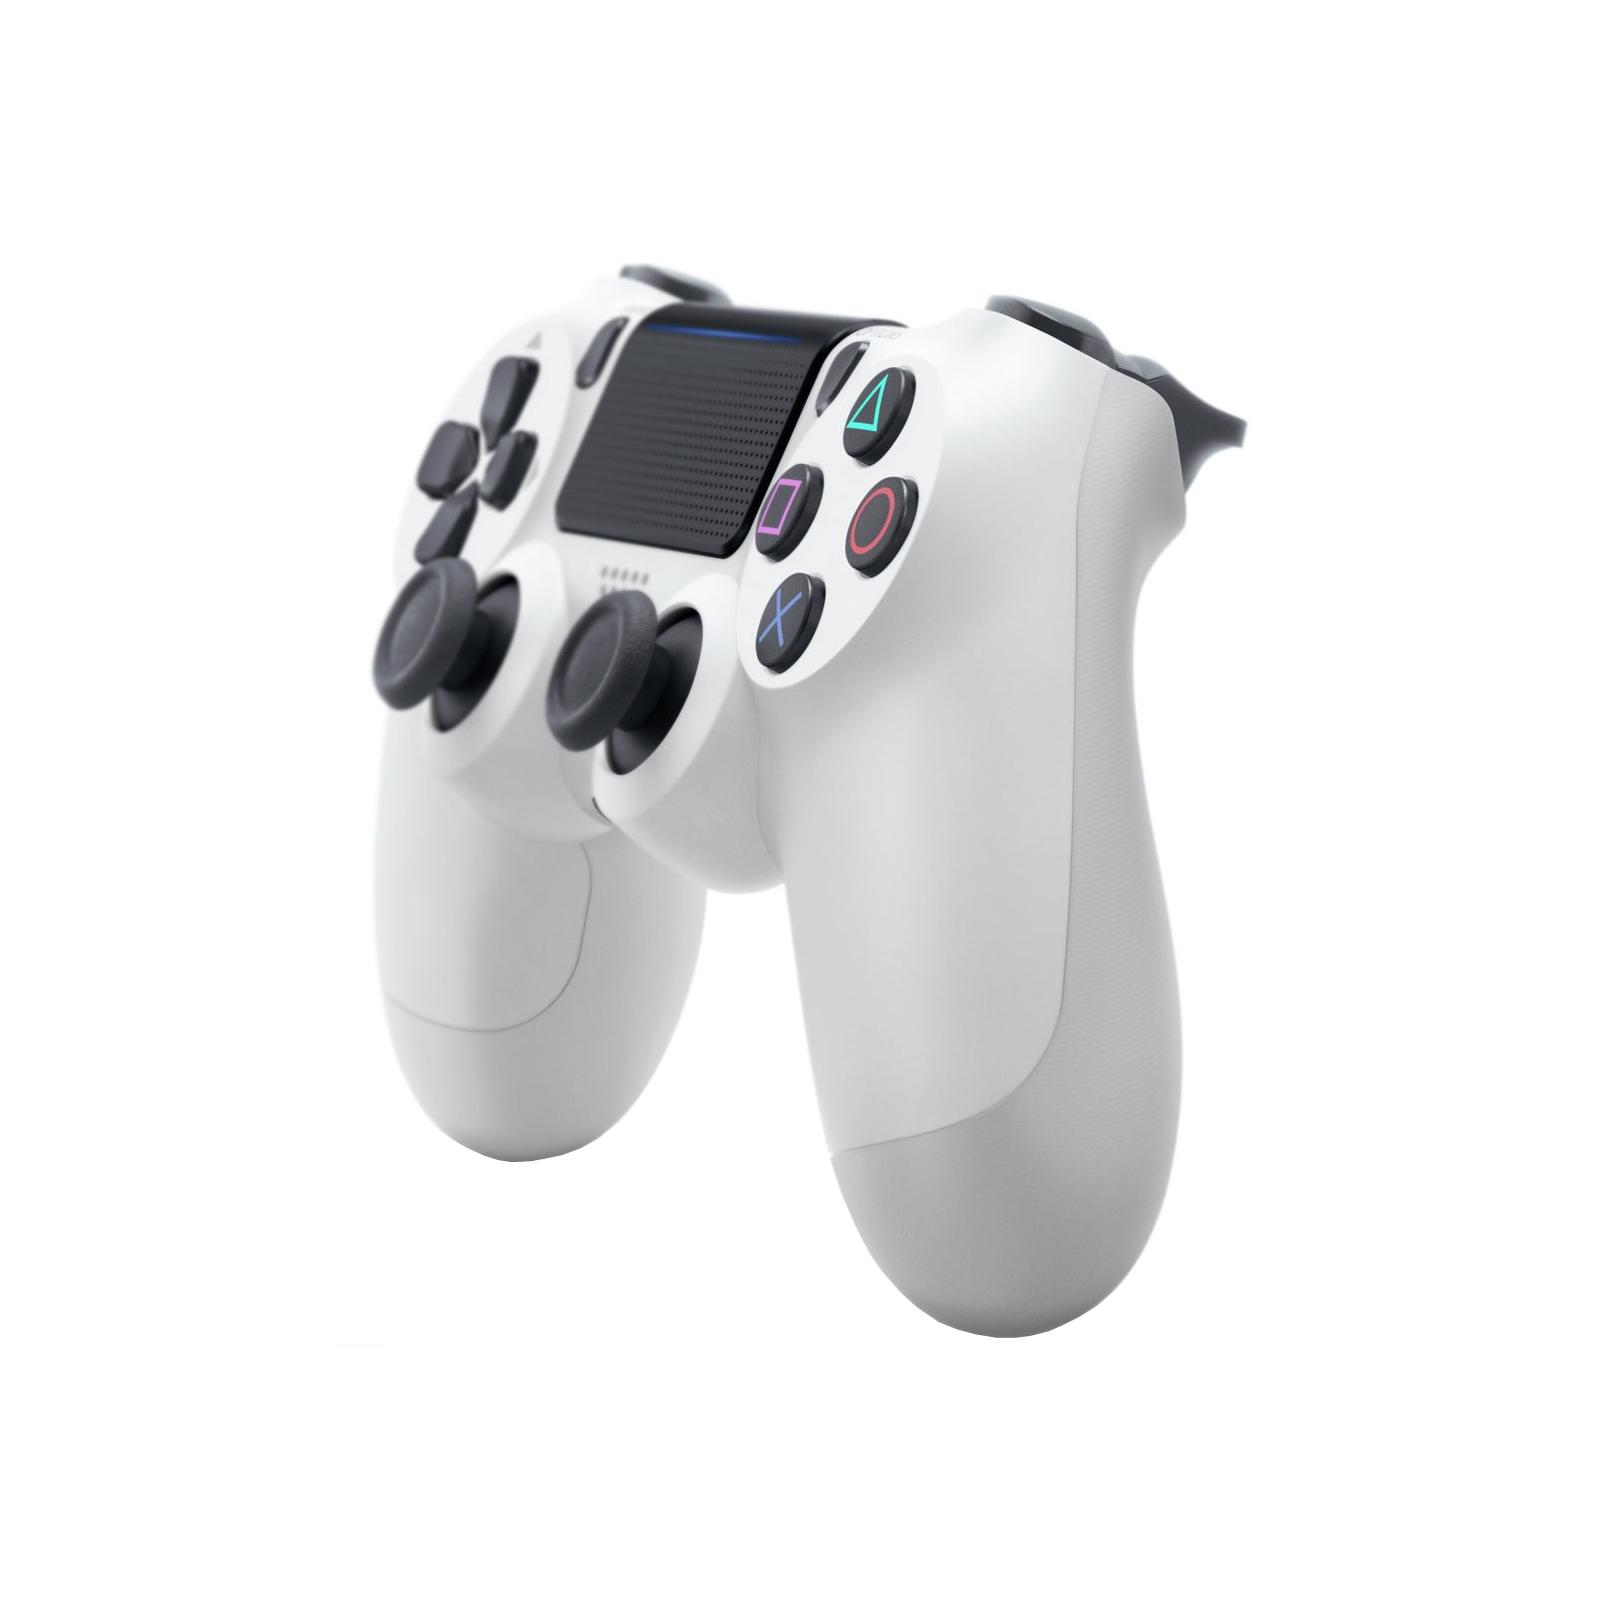 Геймпад Sony PS4 Dualshock 4 V2 Steel Black изображение 2